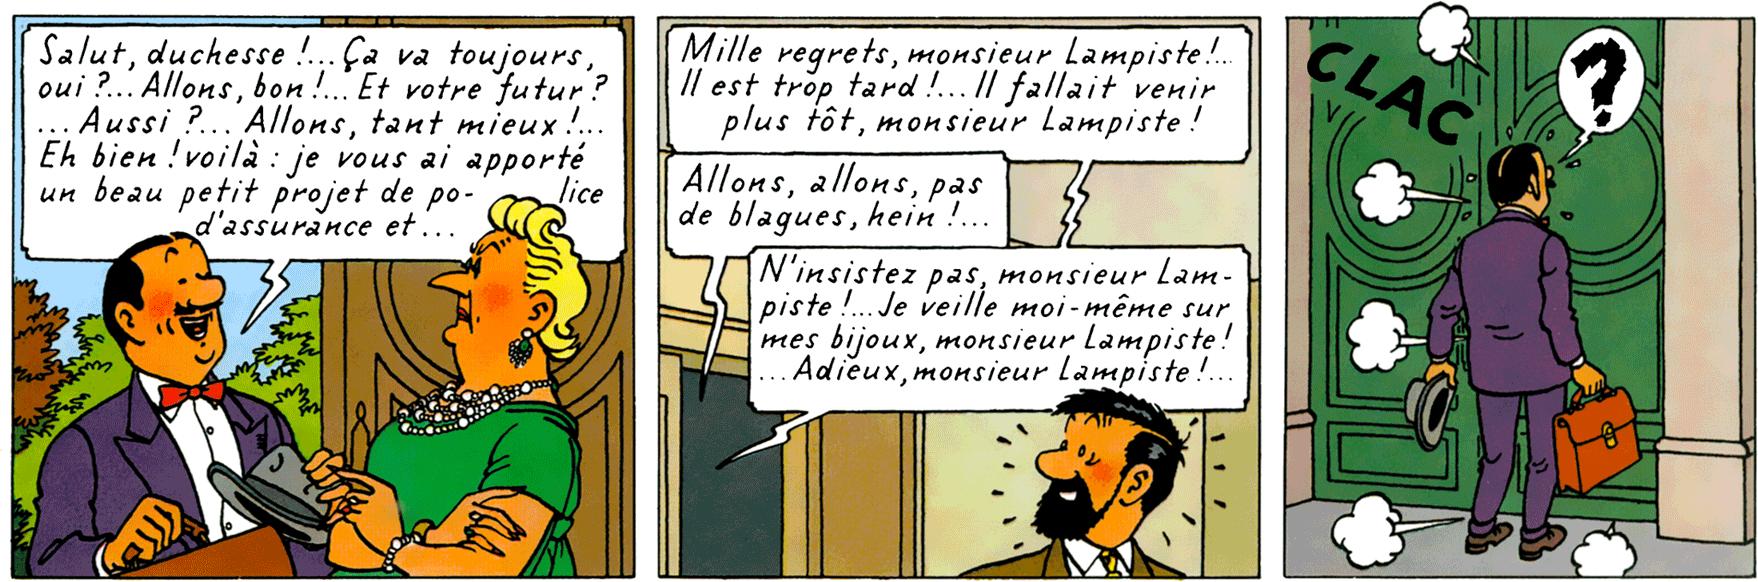 Séraphin Lampion dans Les Bijoux de la Castafiore